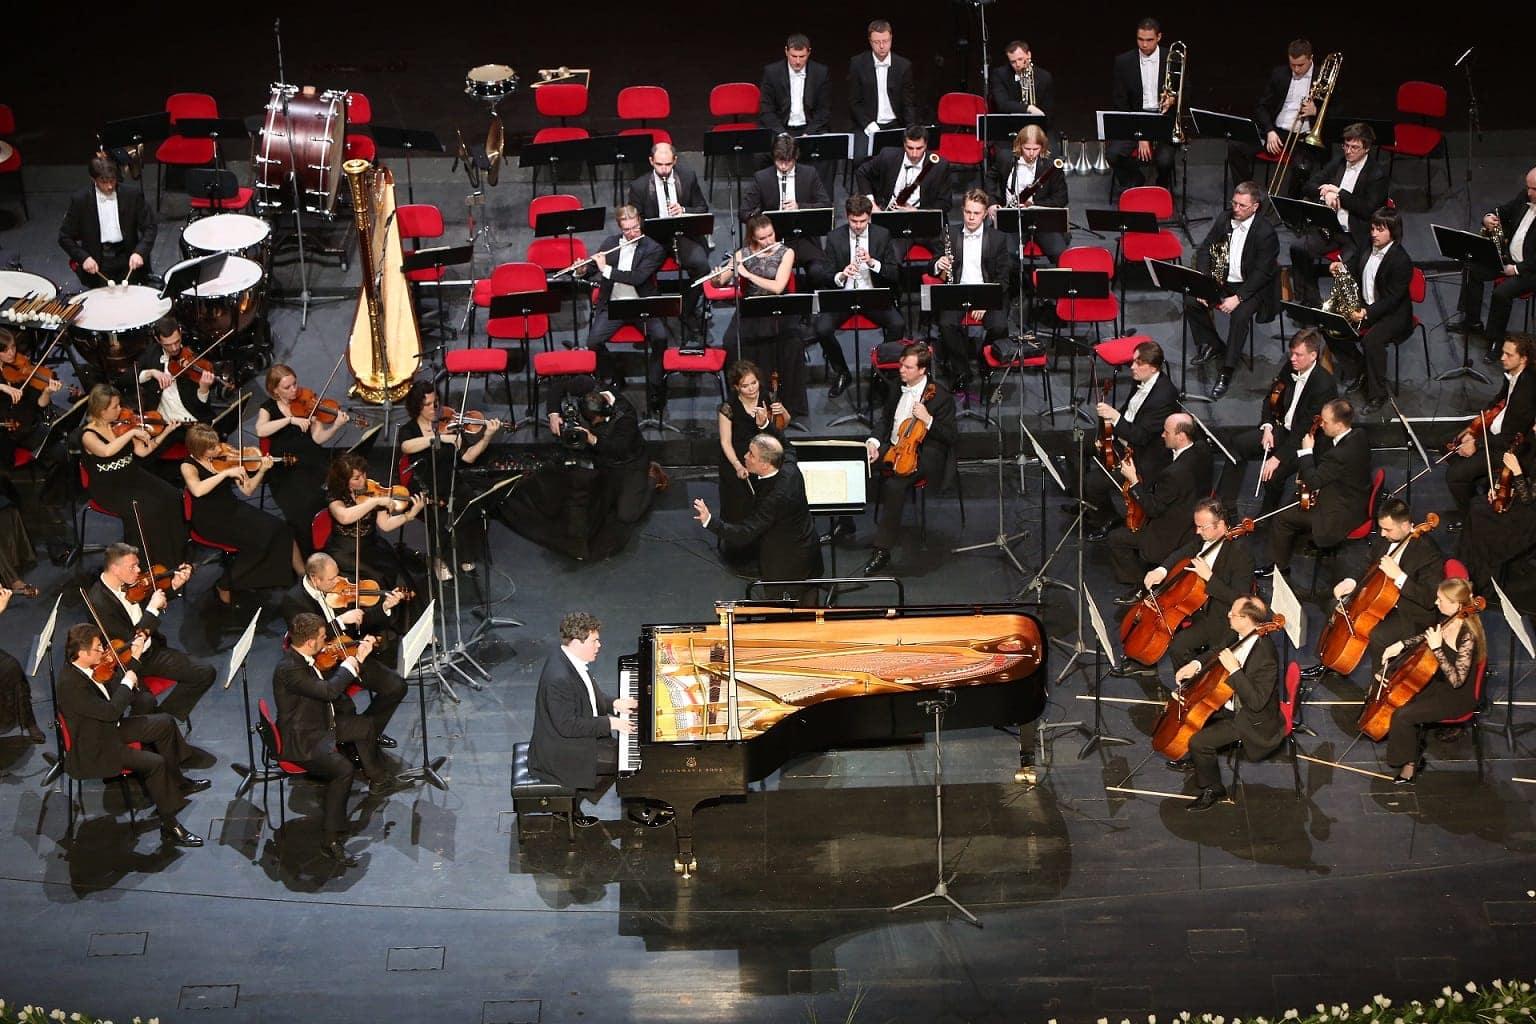 Денис Мацуев, Валерий Гергиев и оркестр Мариинского театра в Астане